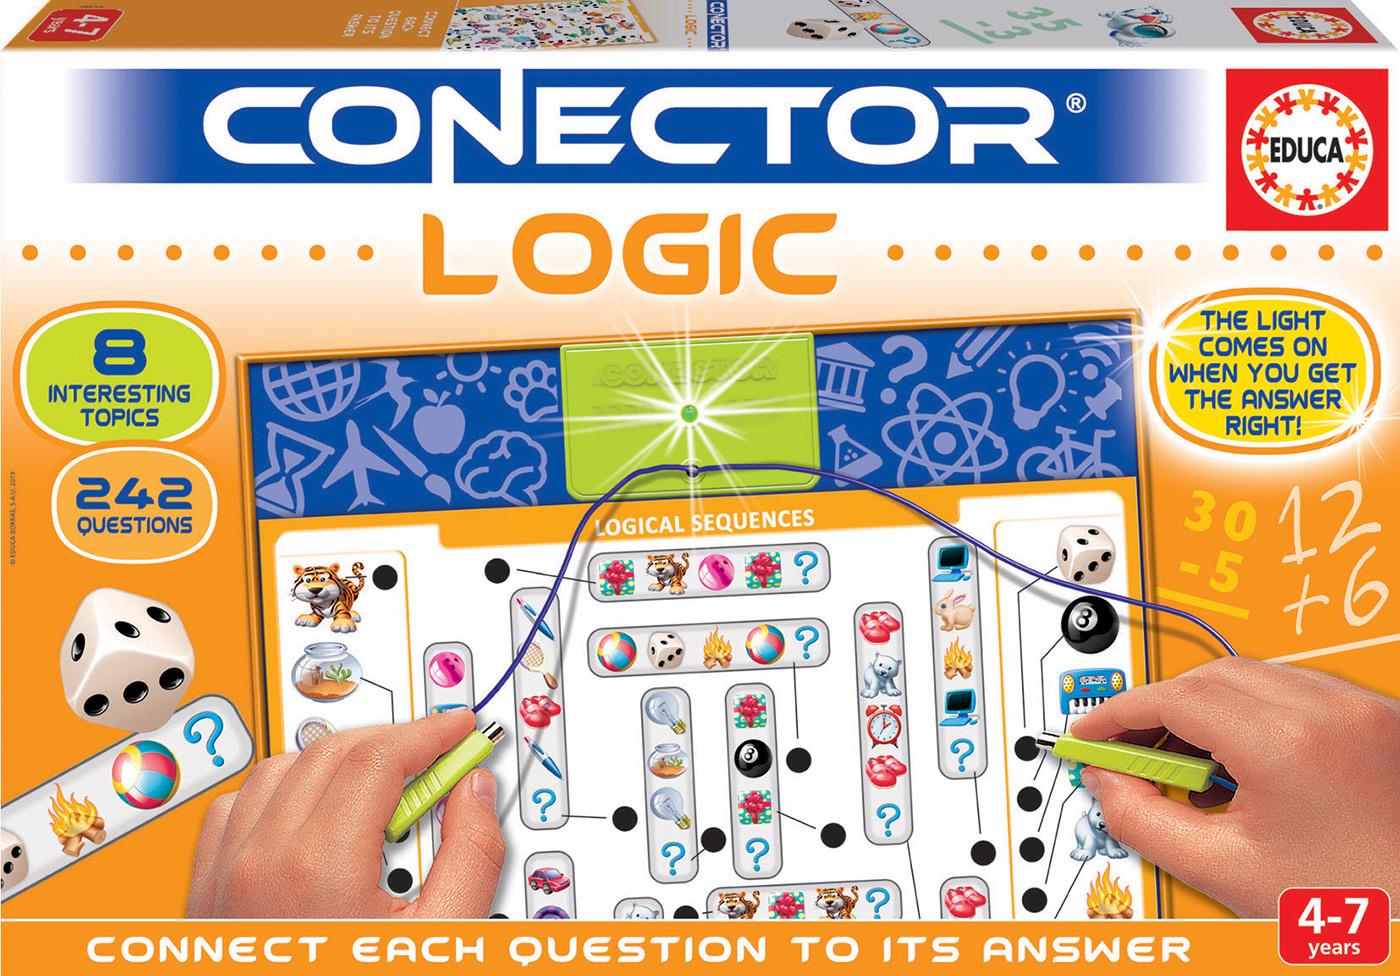 Conector Logic